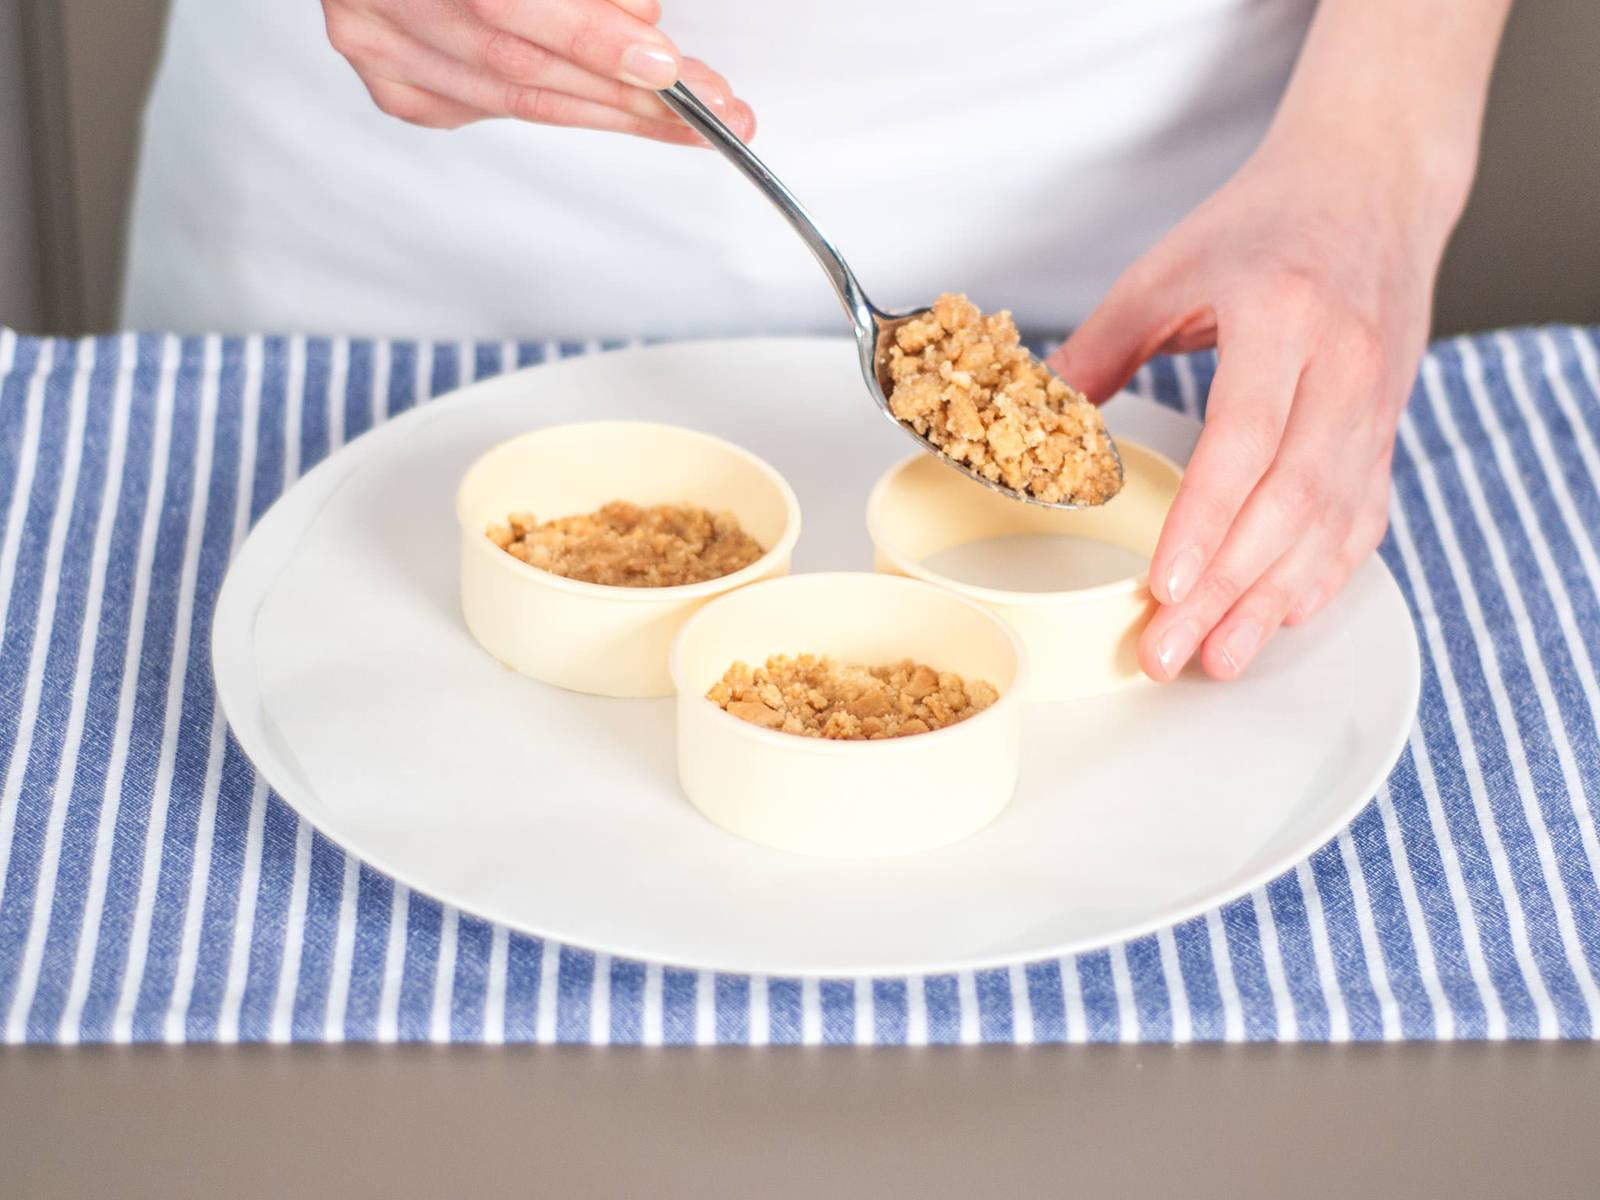 Keksmischung mit einem Löffel in die Backformen geben und leicht andrücken, um den Boden zu formen.